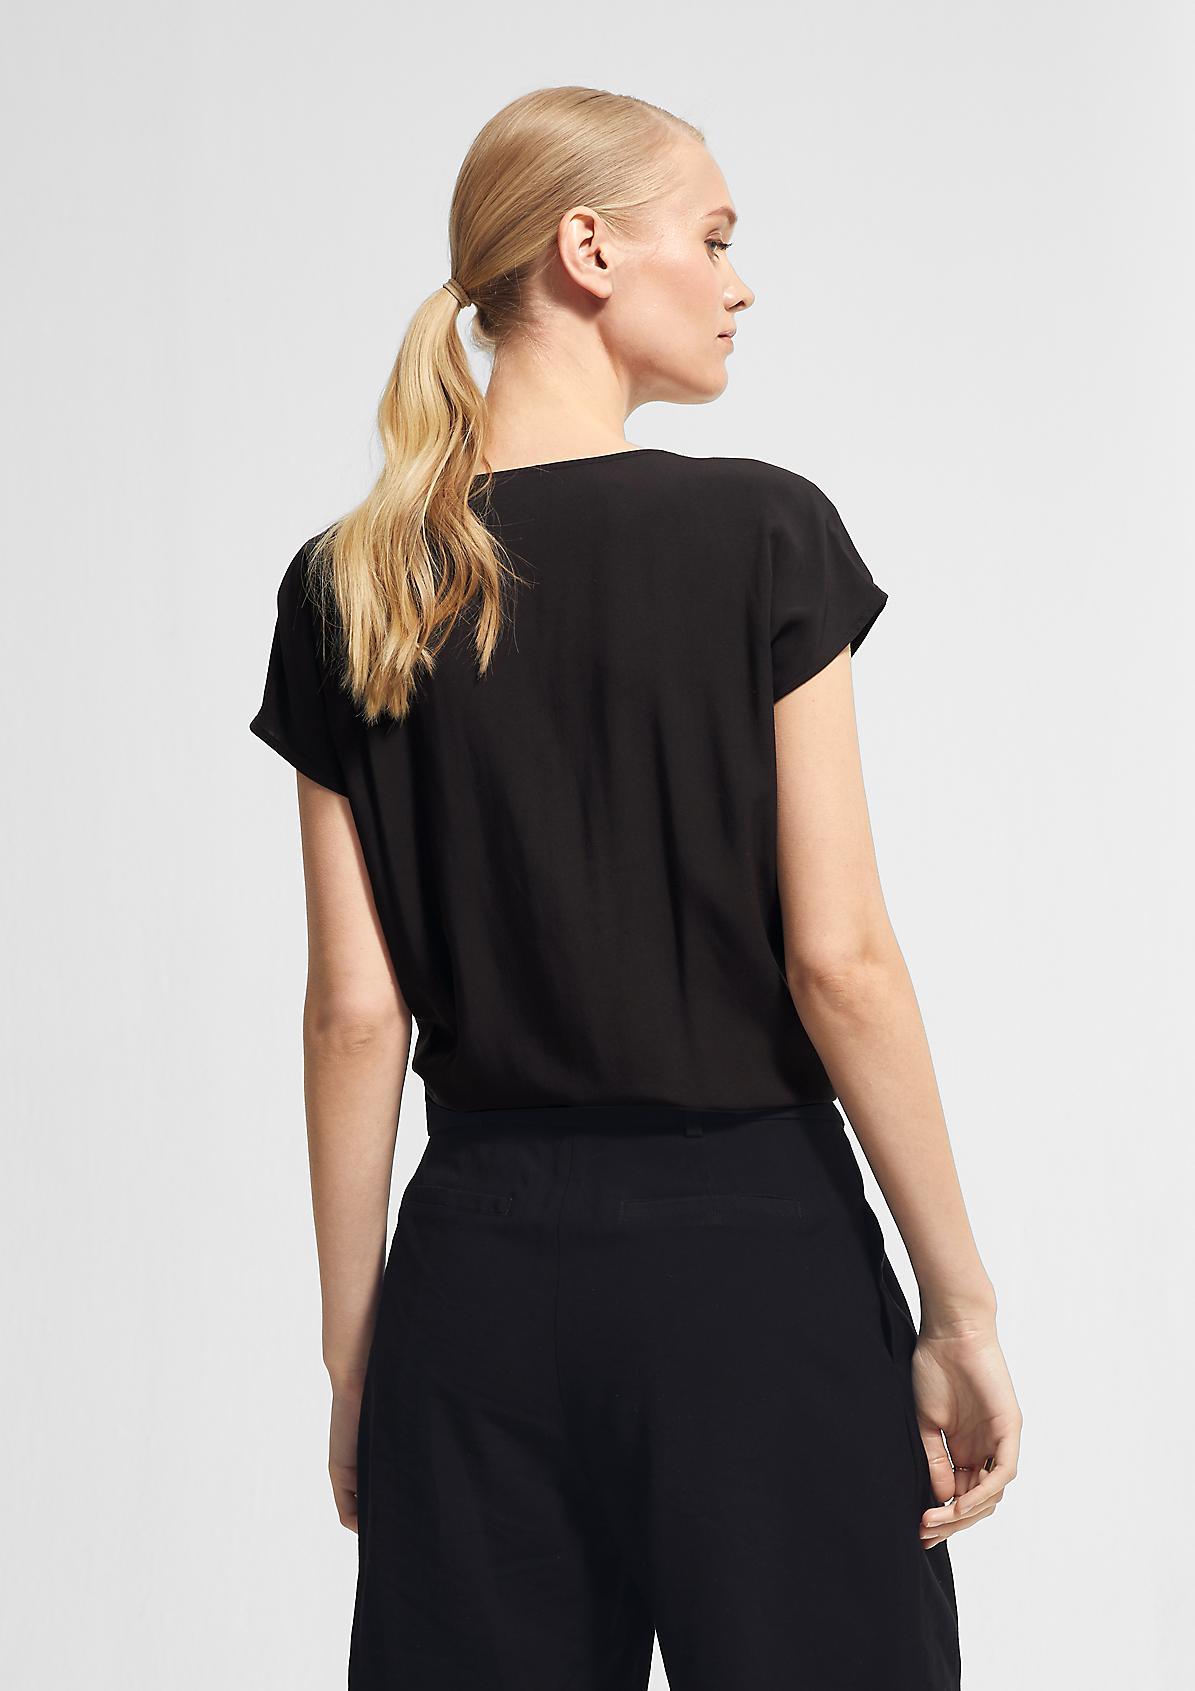 Lockere Bluse mit V-Ausschnitt